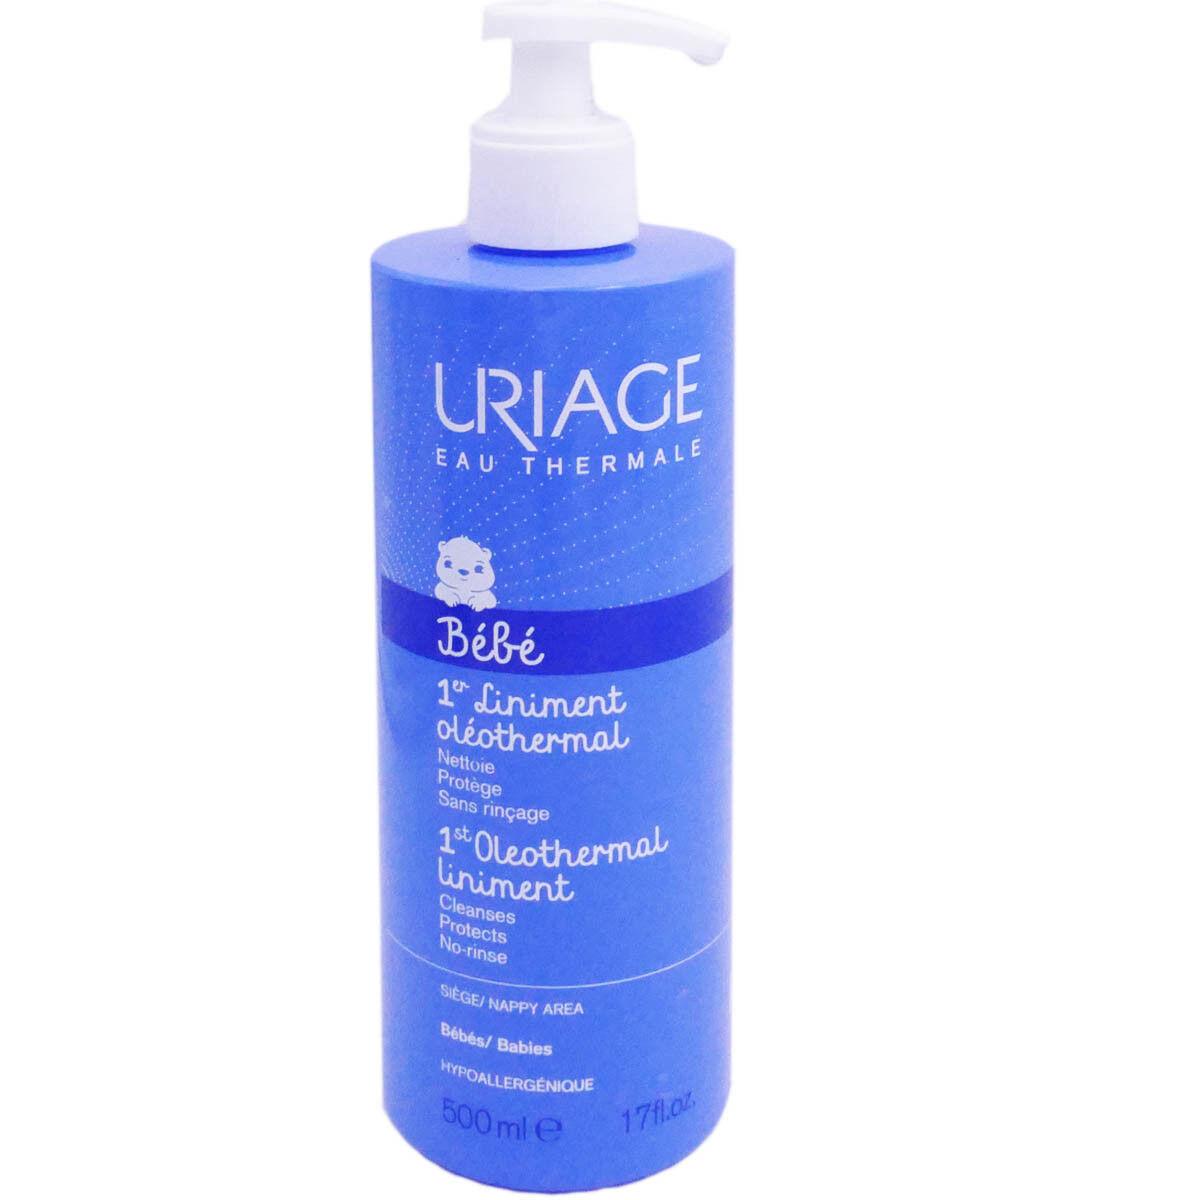 Uriage bebe 1er liniment oleothermal 500ml